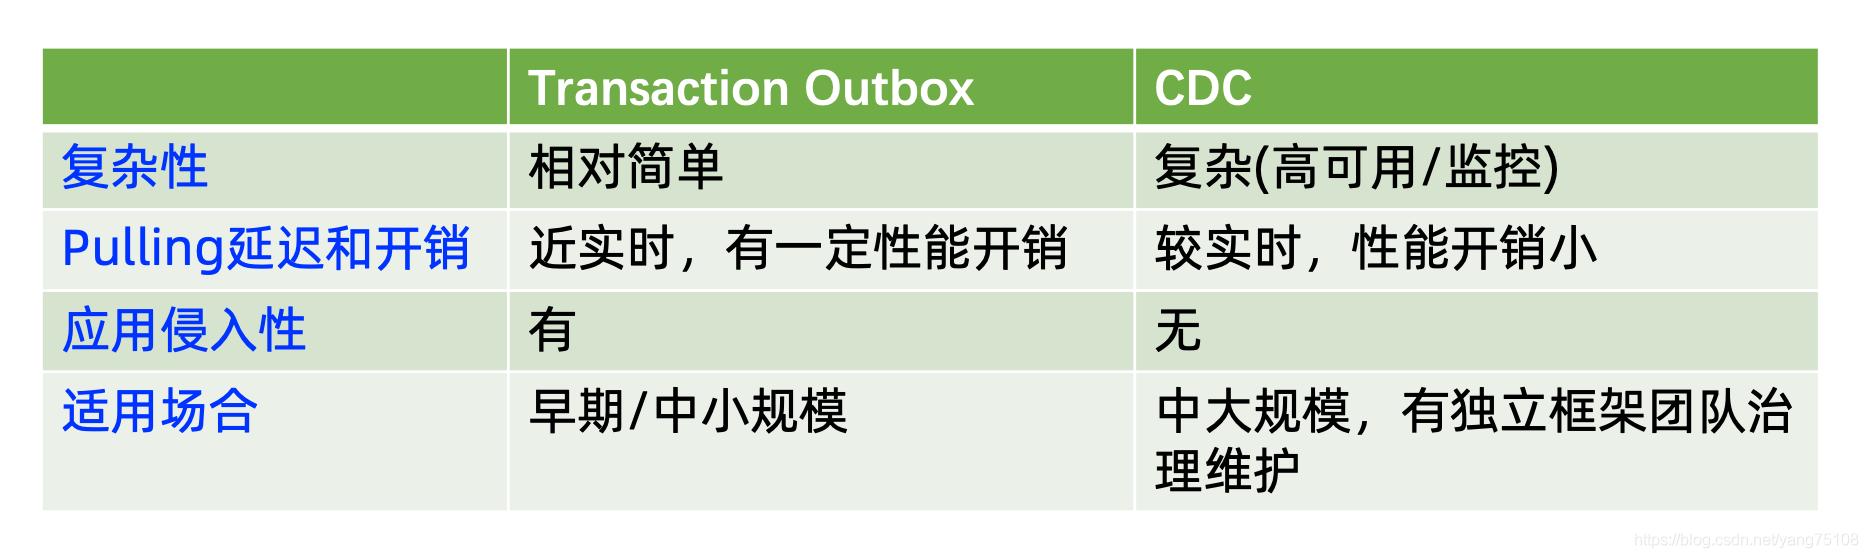 [外链图片转存失败,源站可能有防盗链机制,建议将图片保存下来直接上传(img-YPEv6T5X-1593683238166)(images/outbox_vs_cdc.png)]